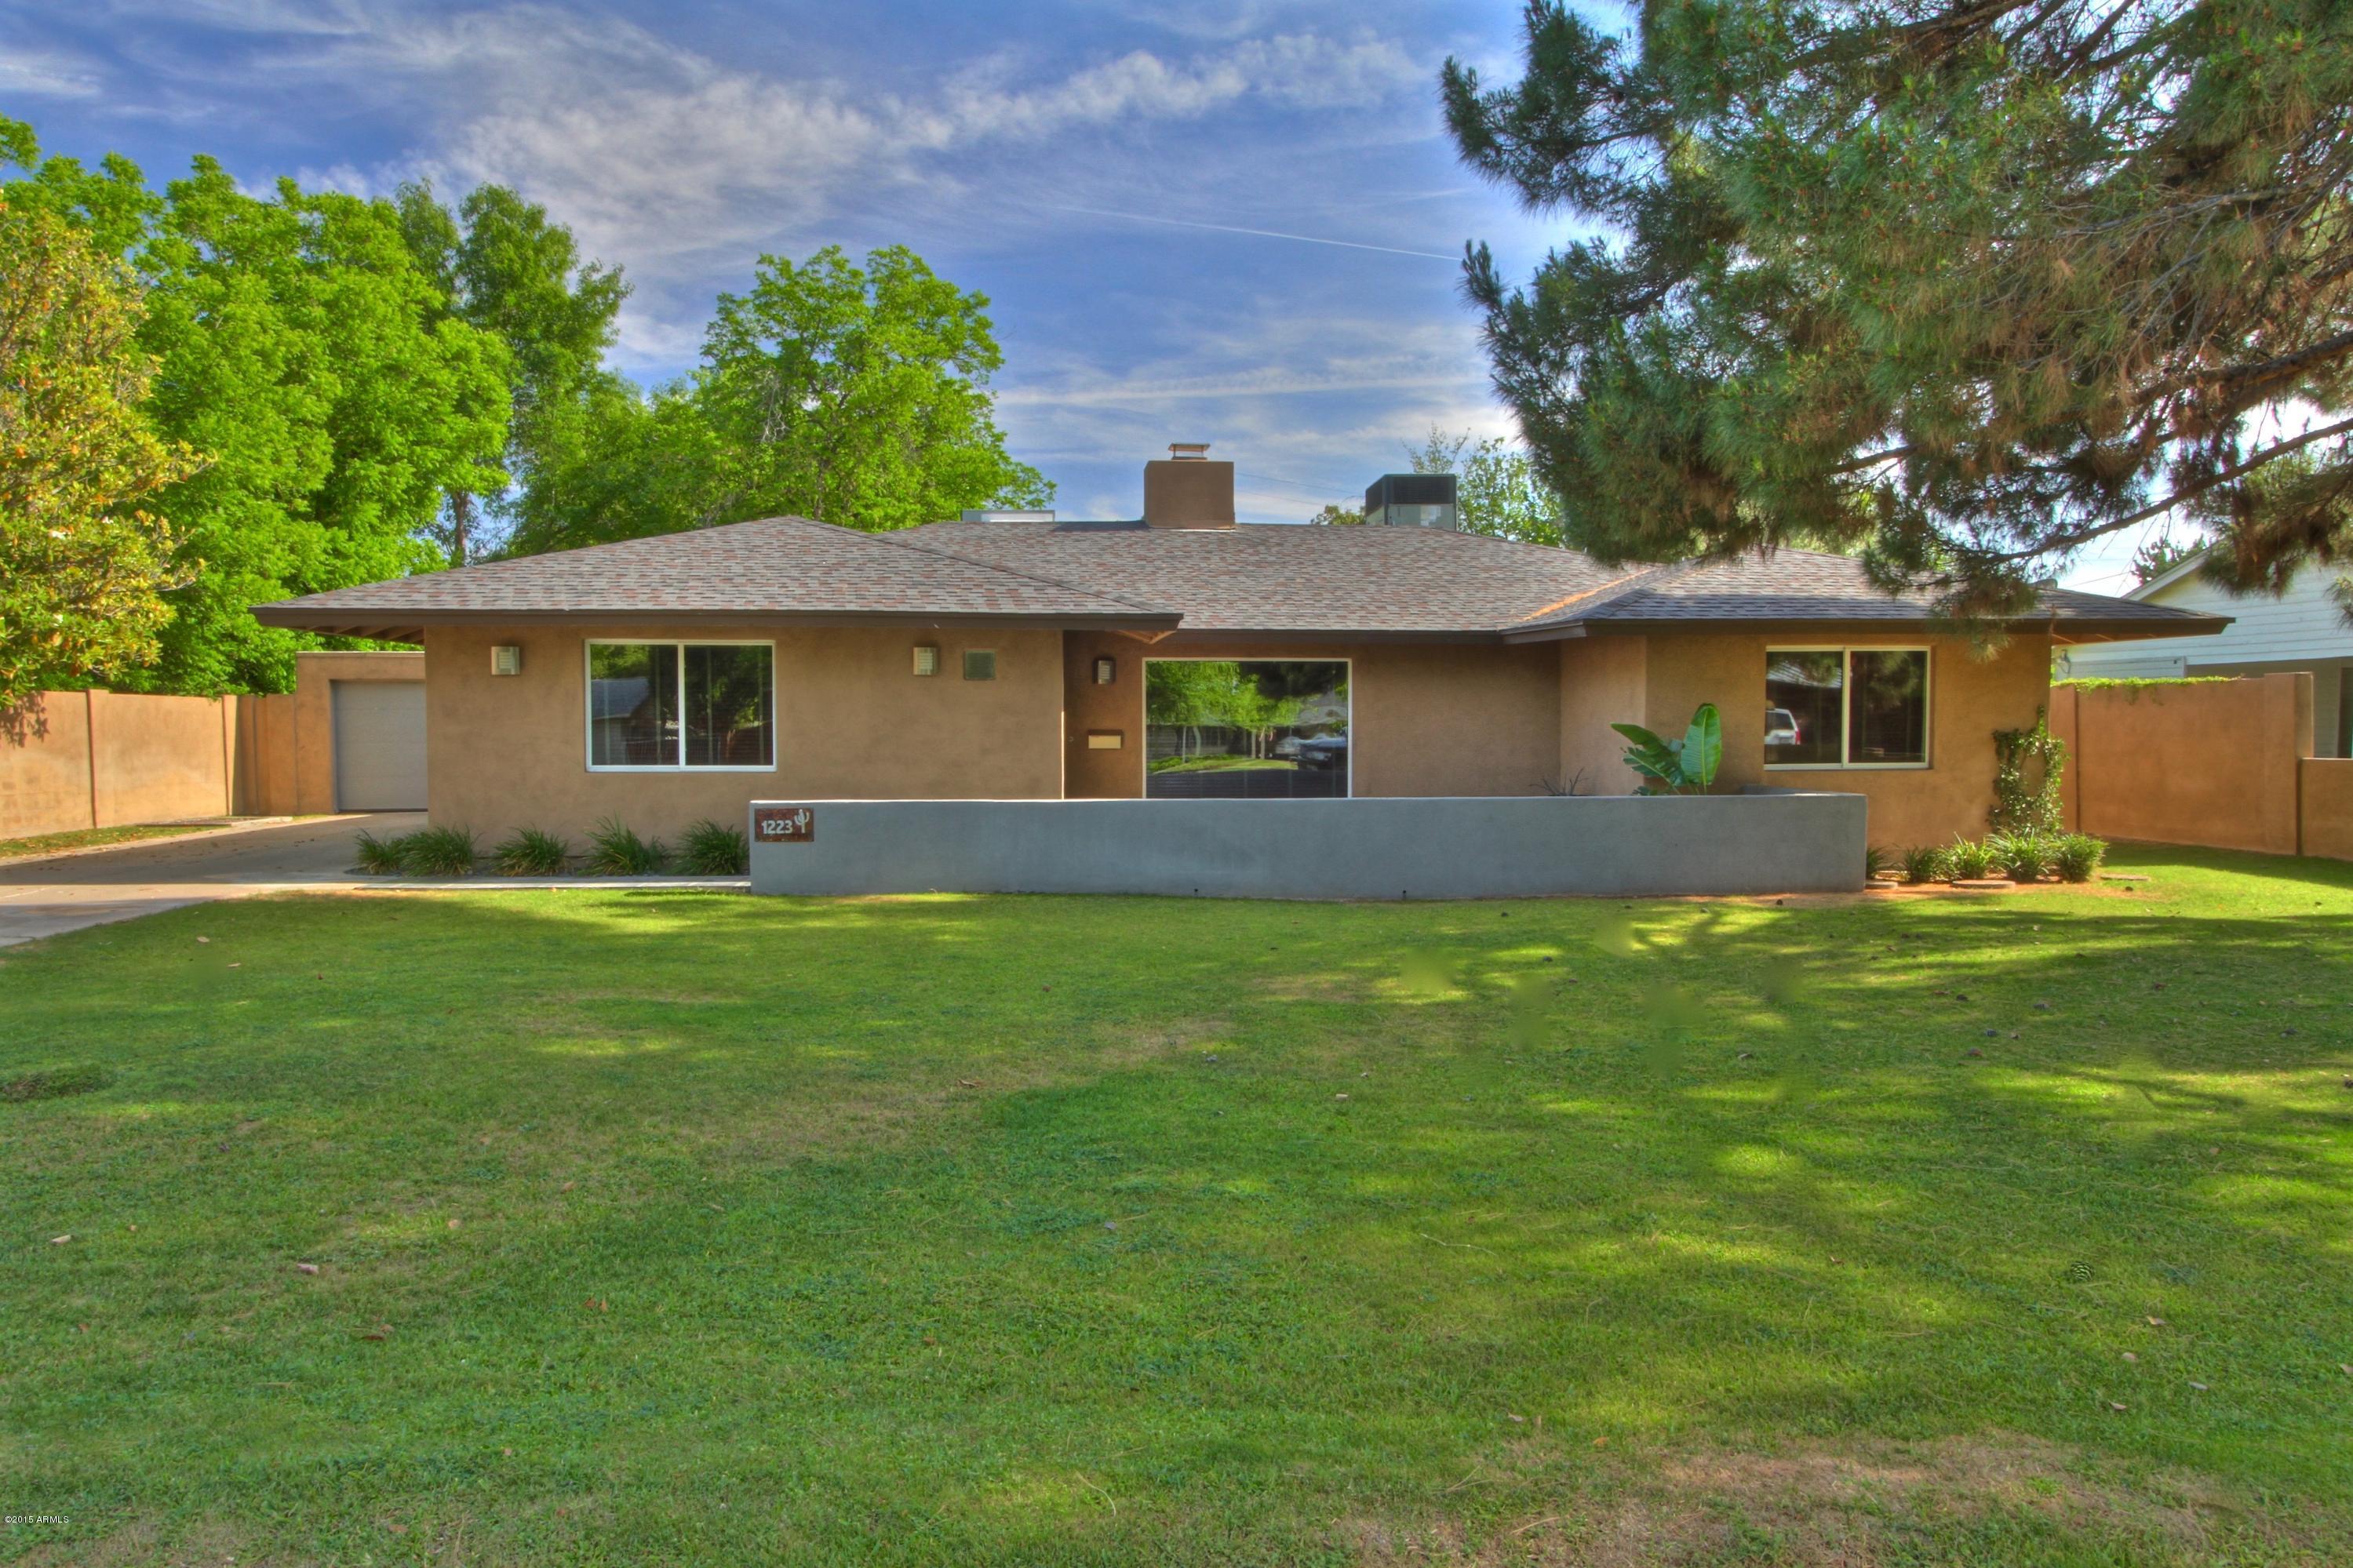 1223 Palo Verde Drive, Phoenix, Arizona 85013, 3 Bedrooms Bedrooms, ,3 BathroomsBathrooms,Residential Rental,For Rent,Palo Verde,6255400